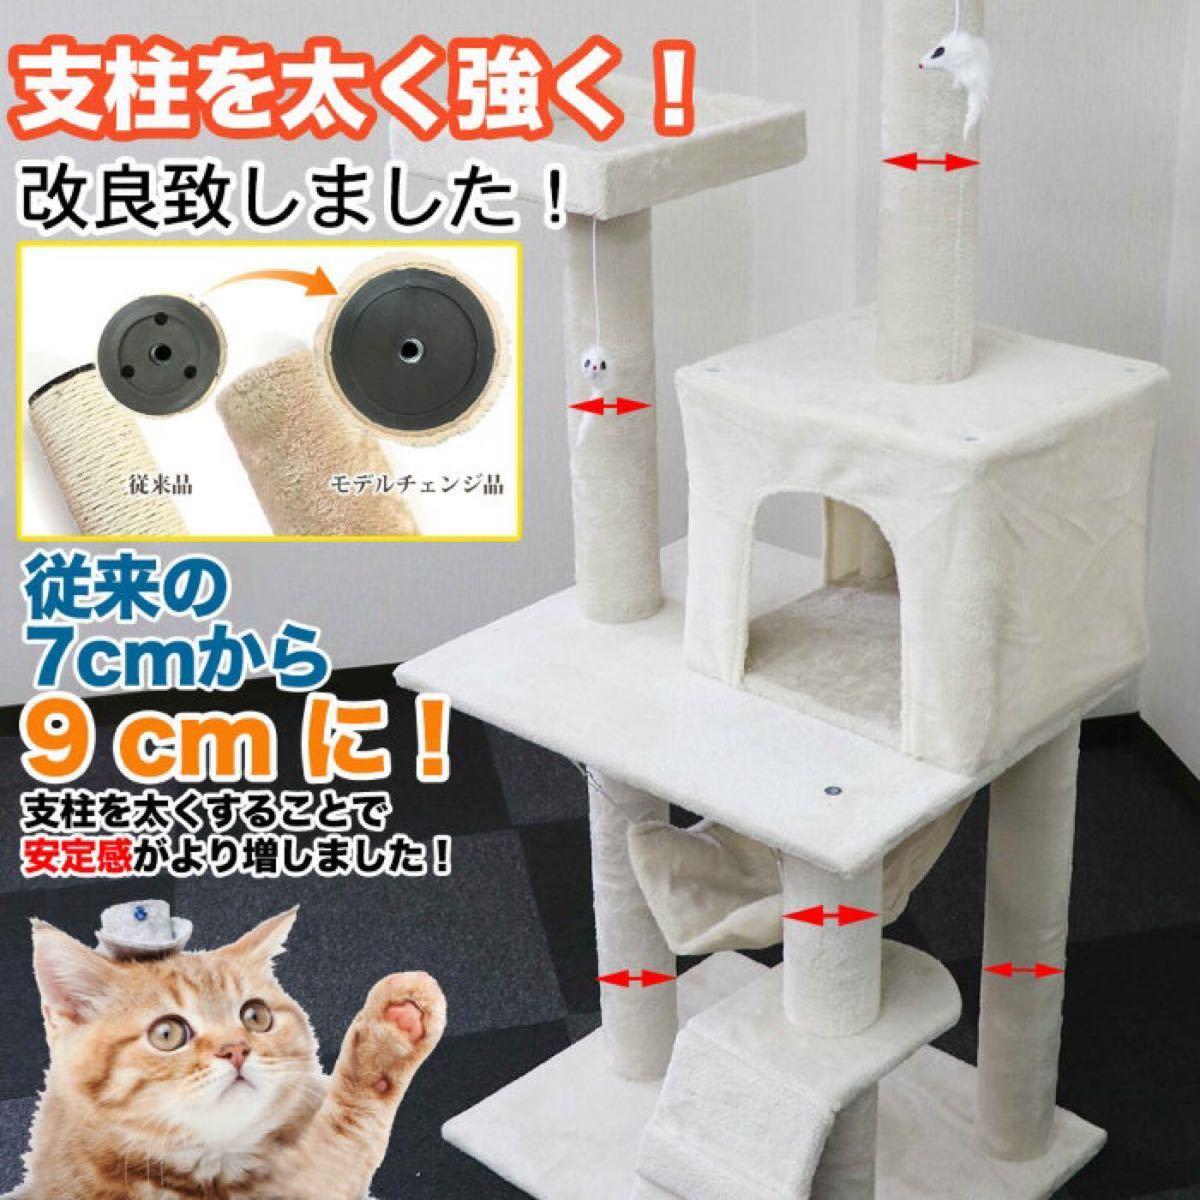 キャットタワー 据え置き 150cm 猫 ネコ ストレス発散 多頭 ブラウン